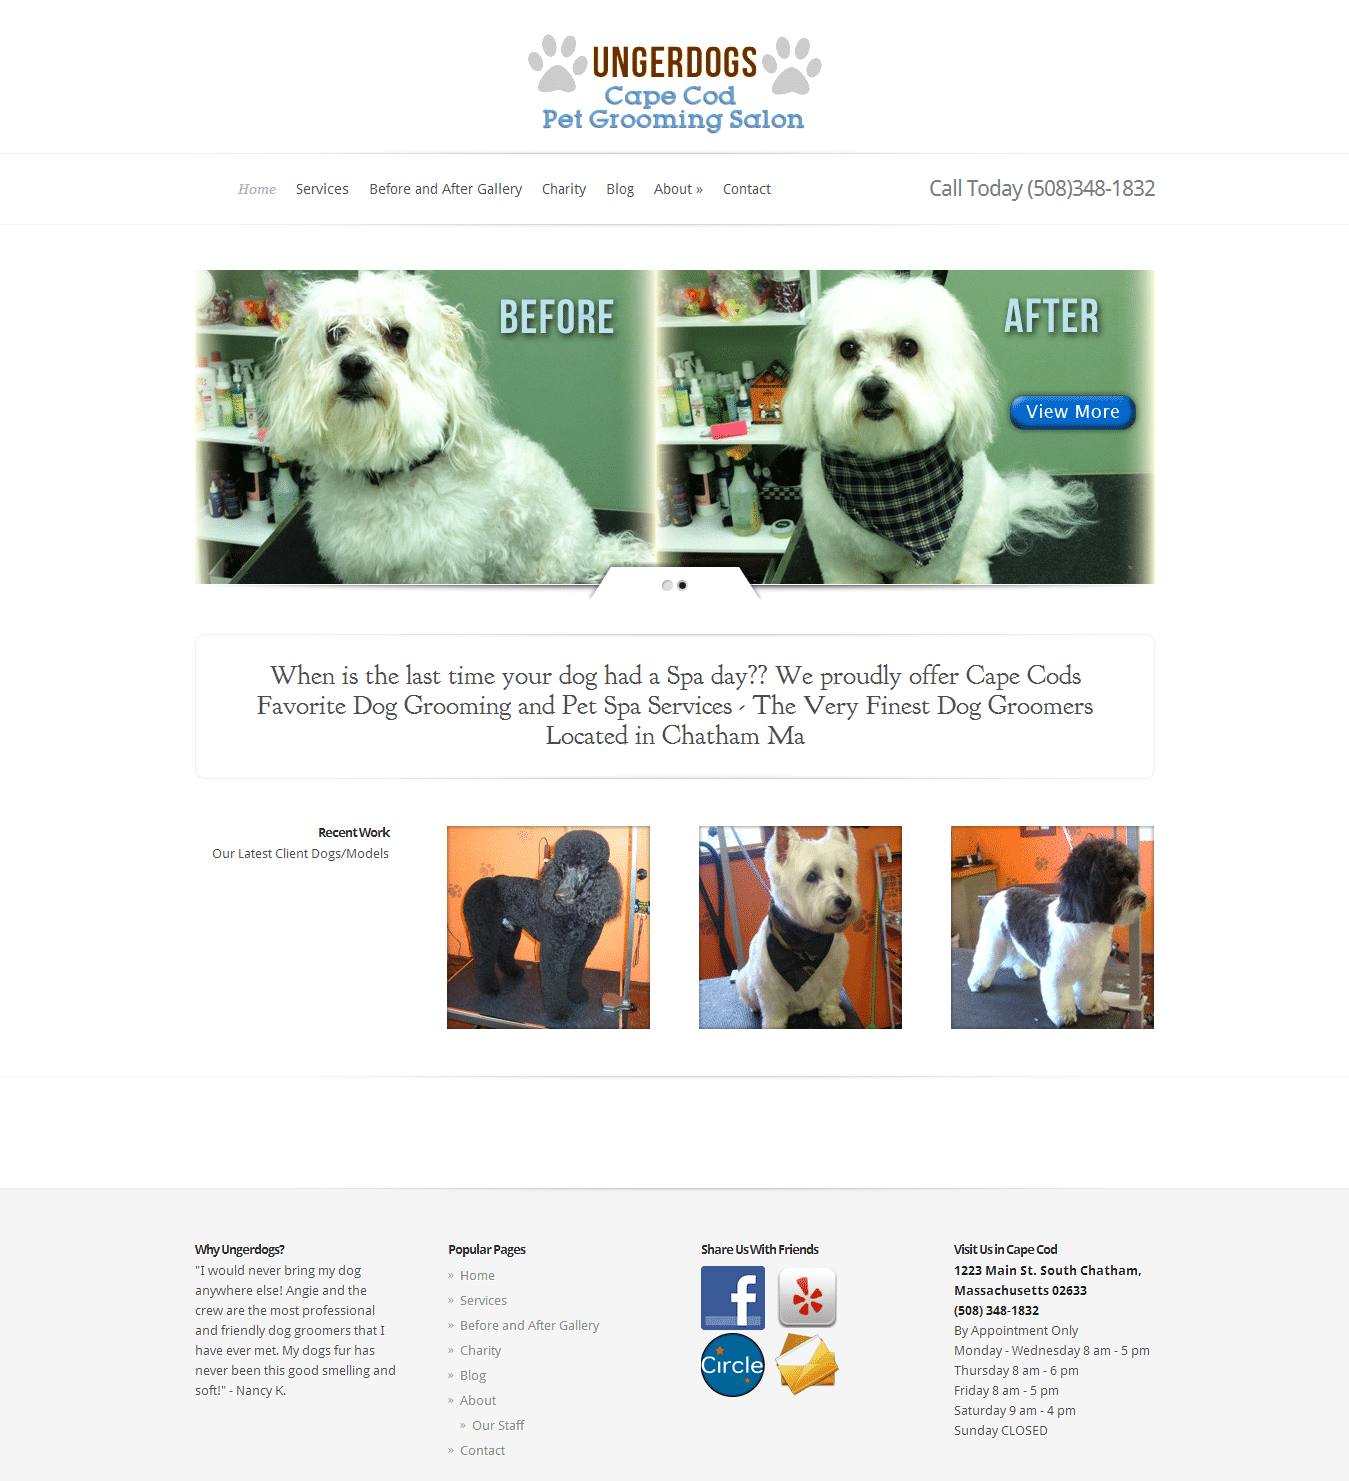 ungerdogs website